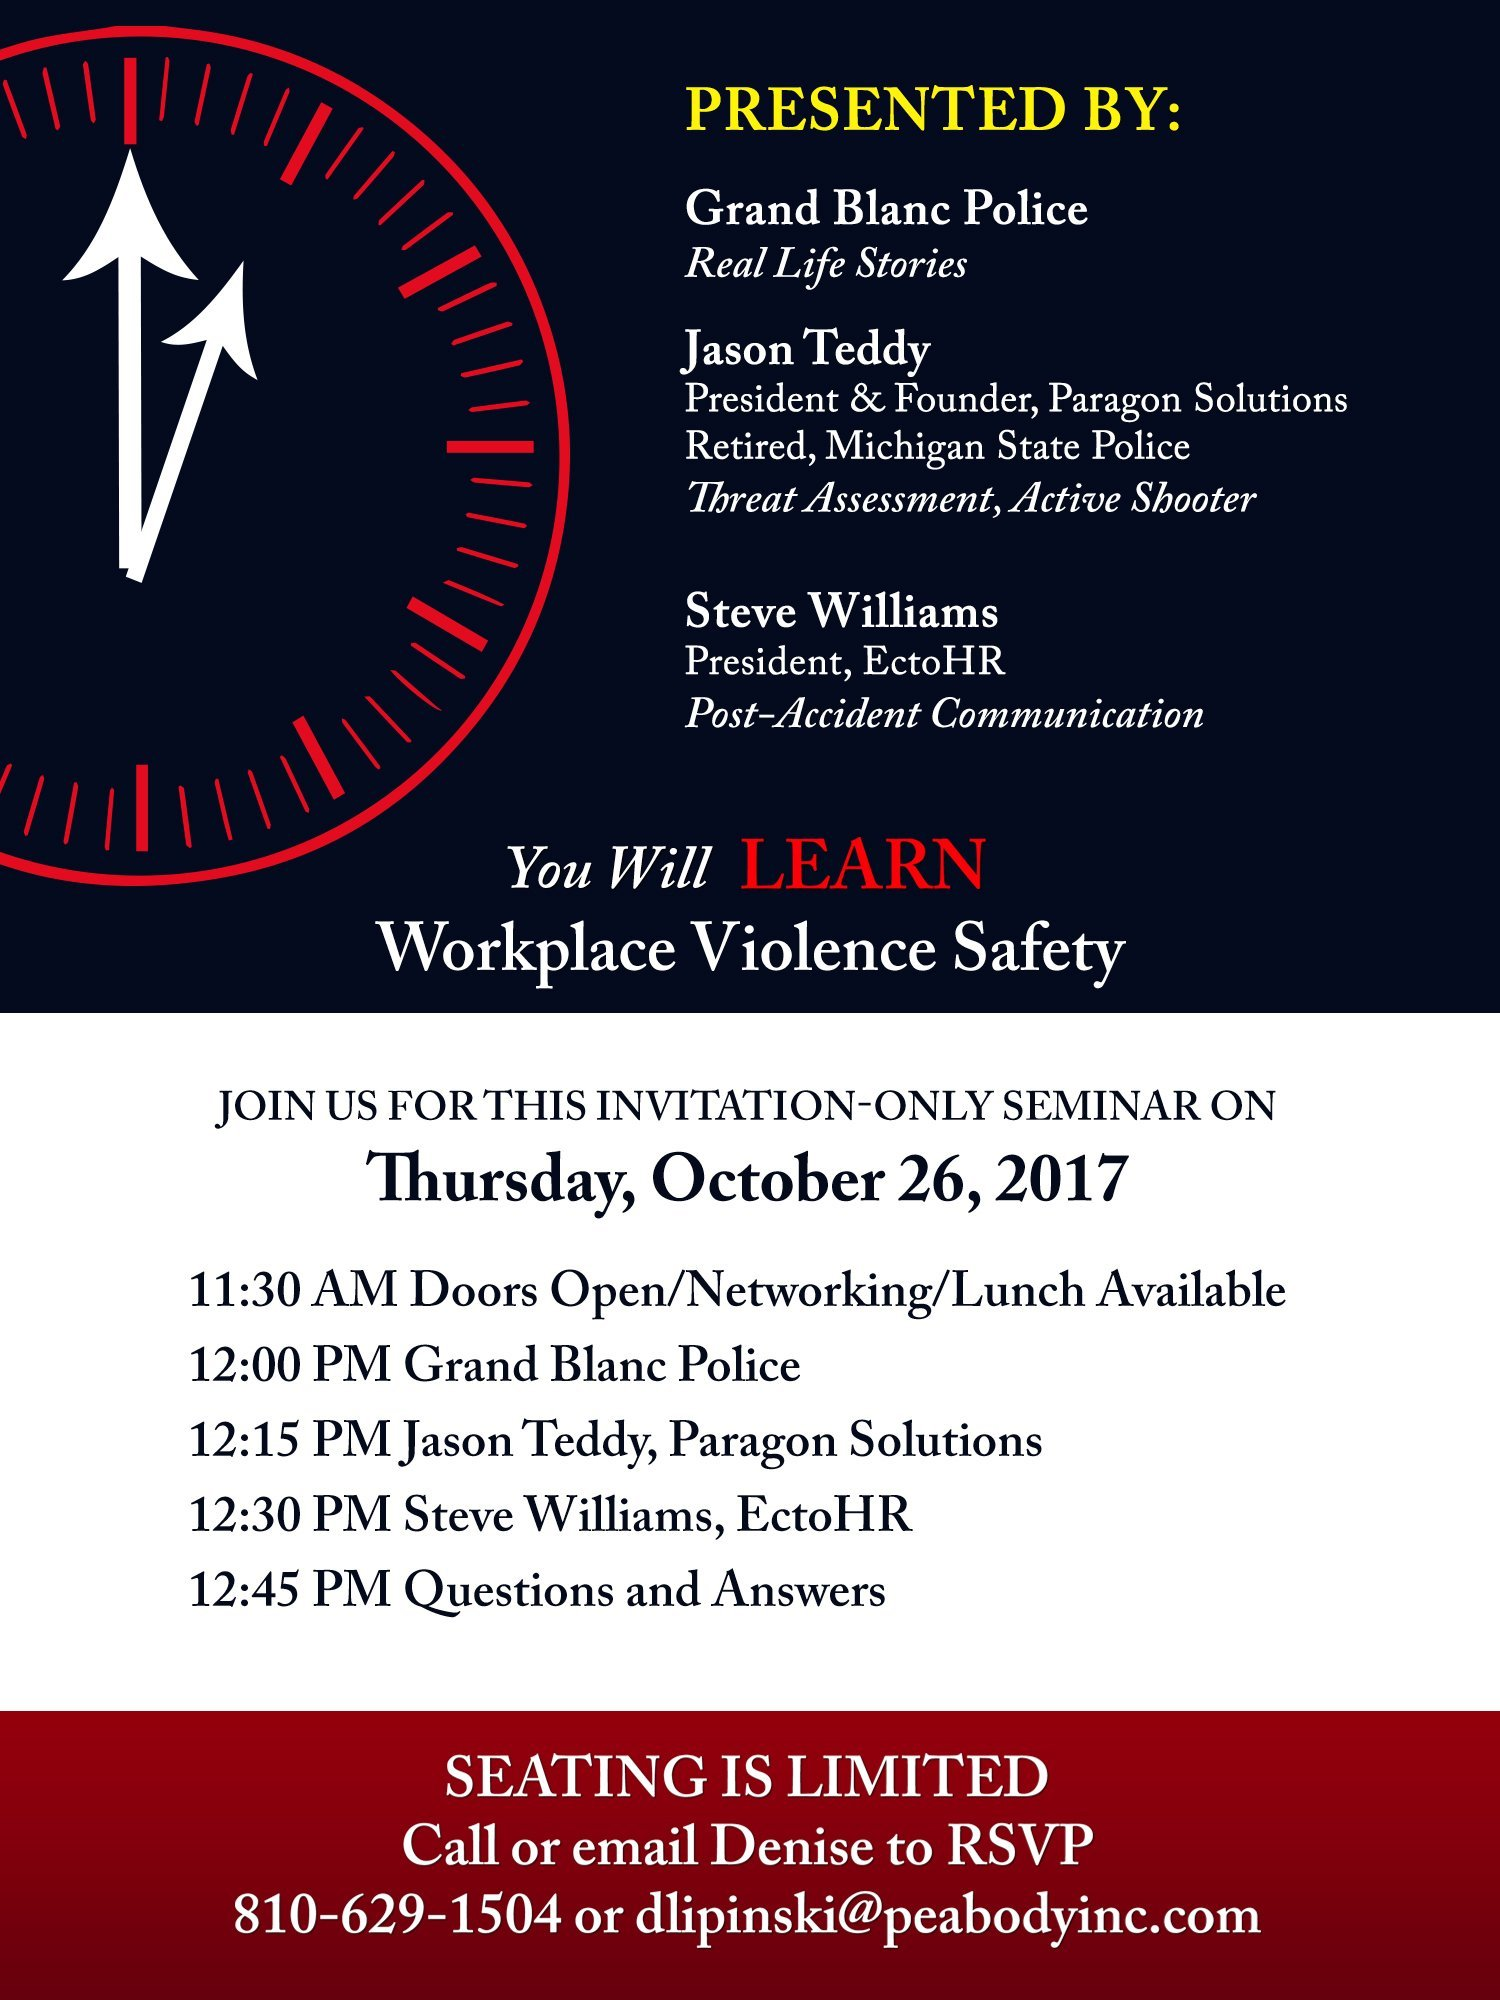 Workplace Violence Safety